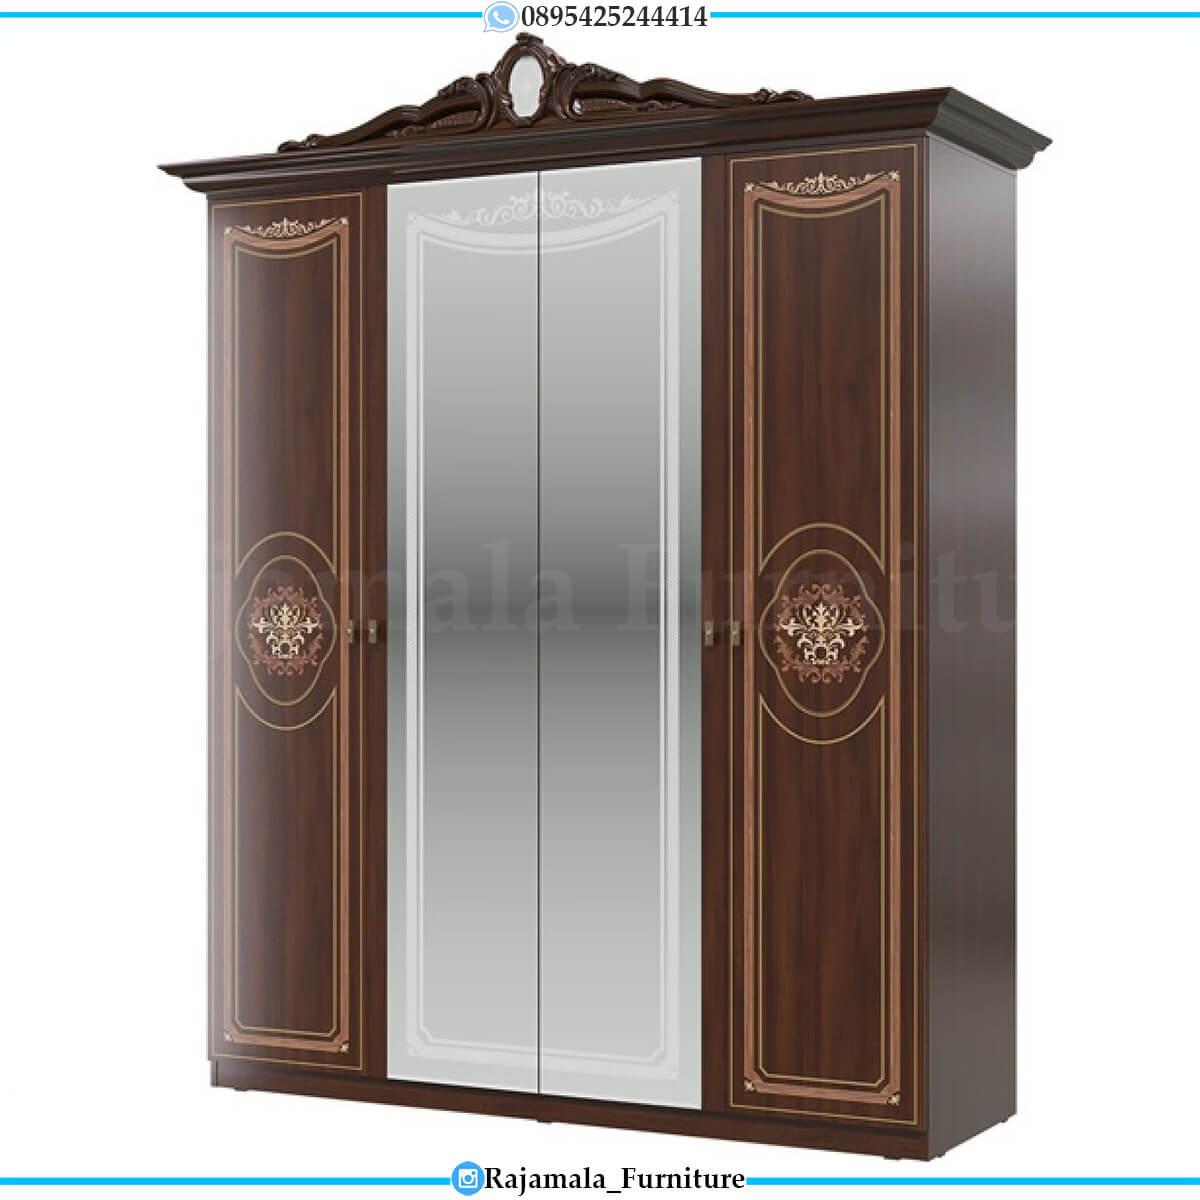 Lemari Pakaian Mewah Jati Classic Natural Luxury Color Furniture Jepara RM-0556